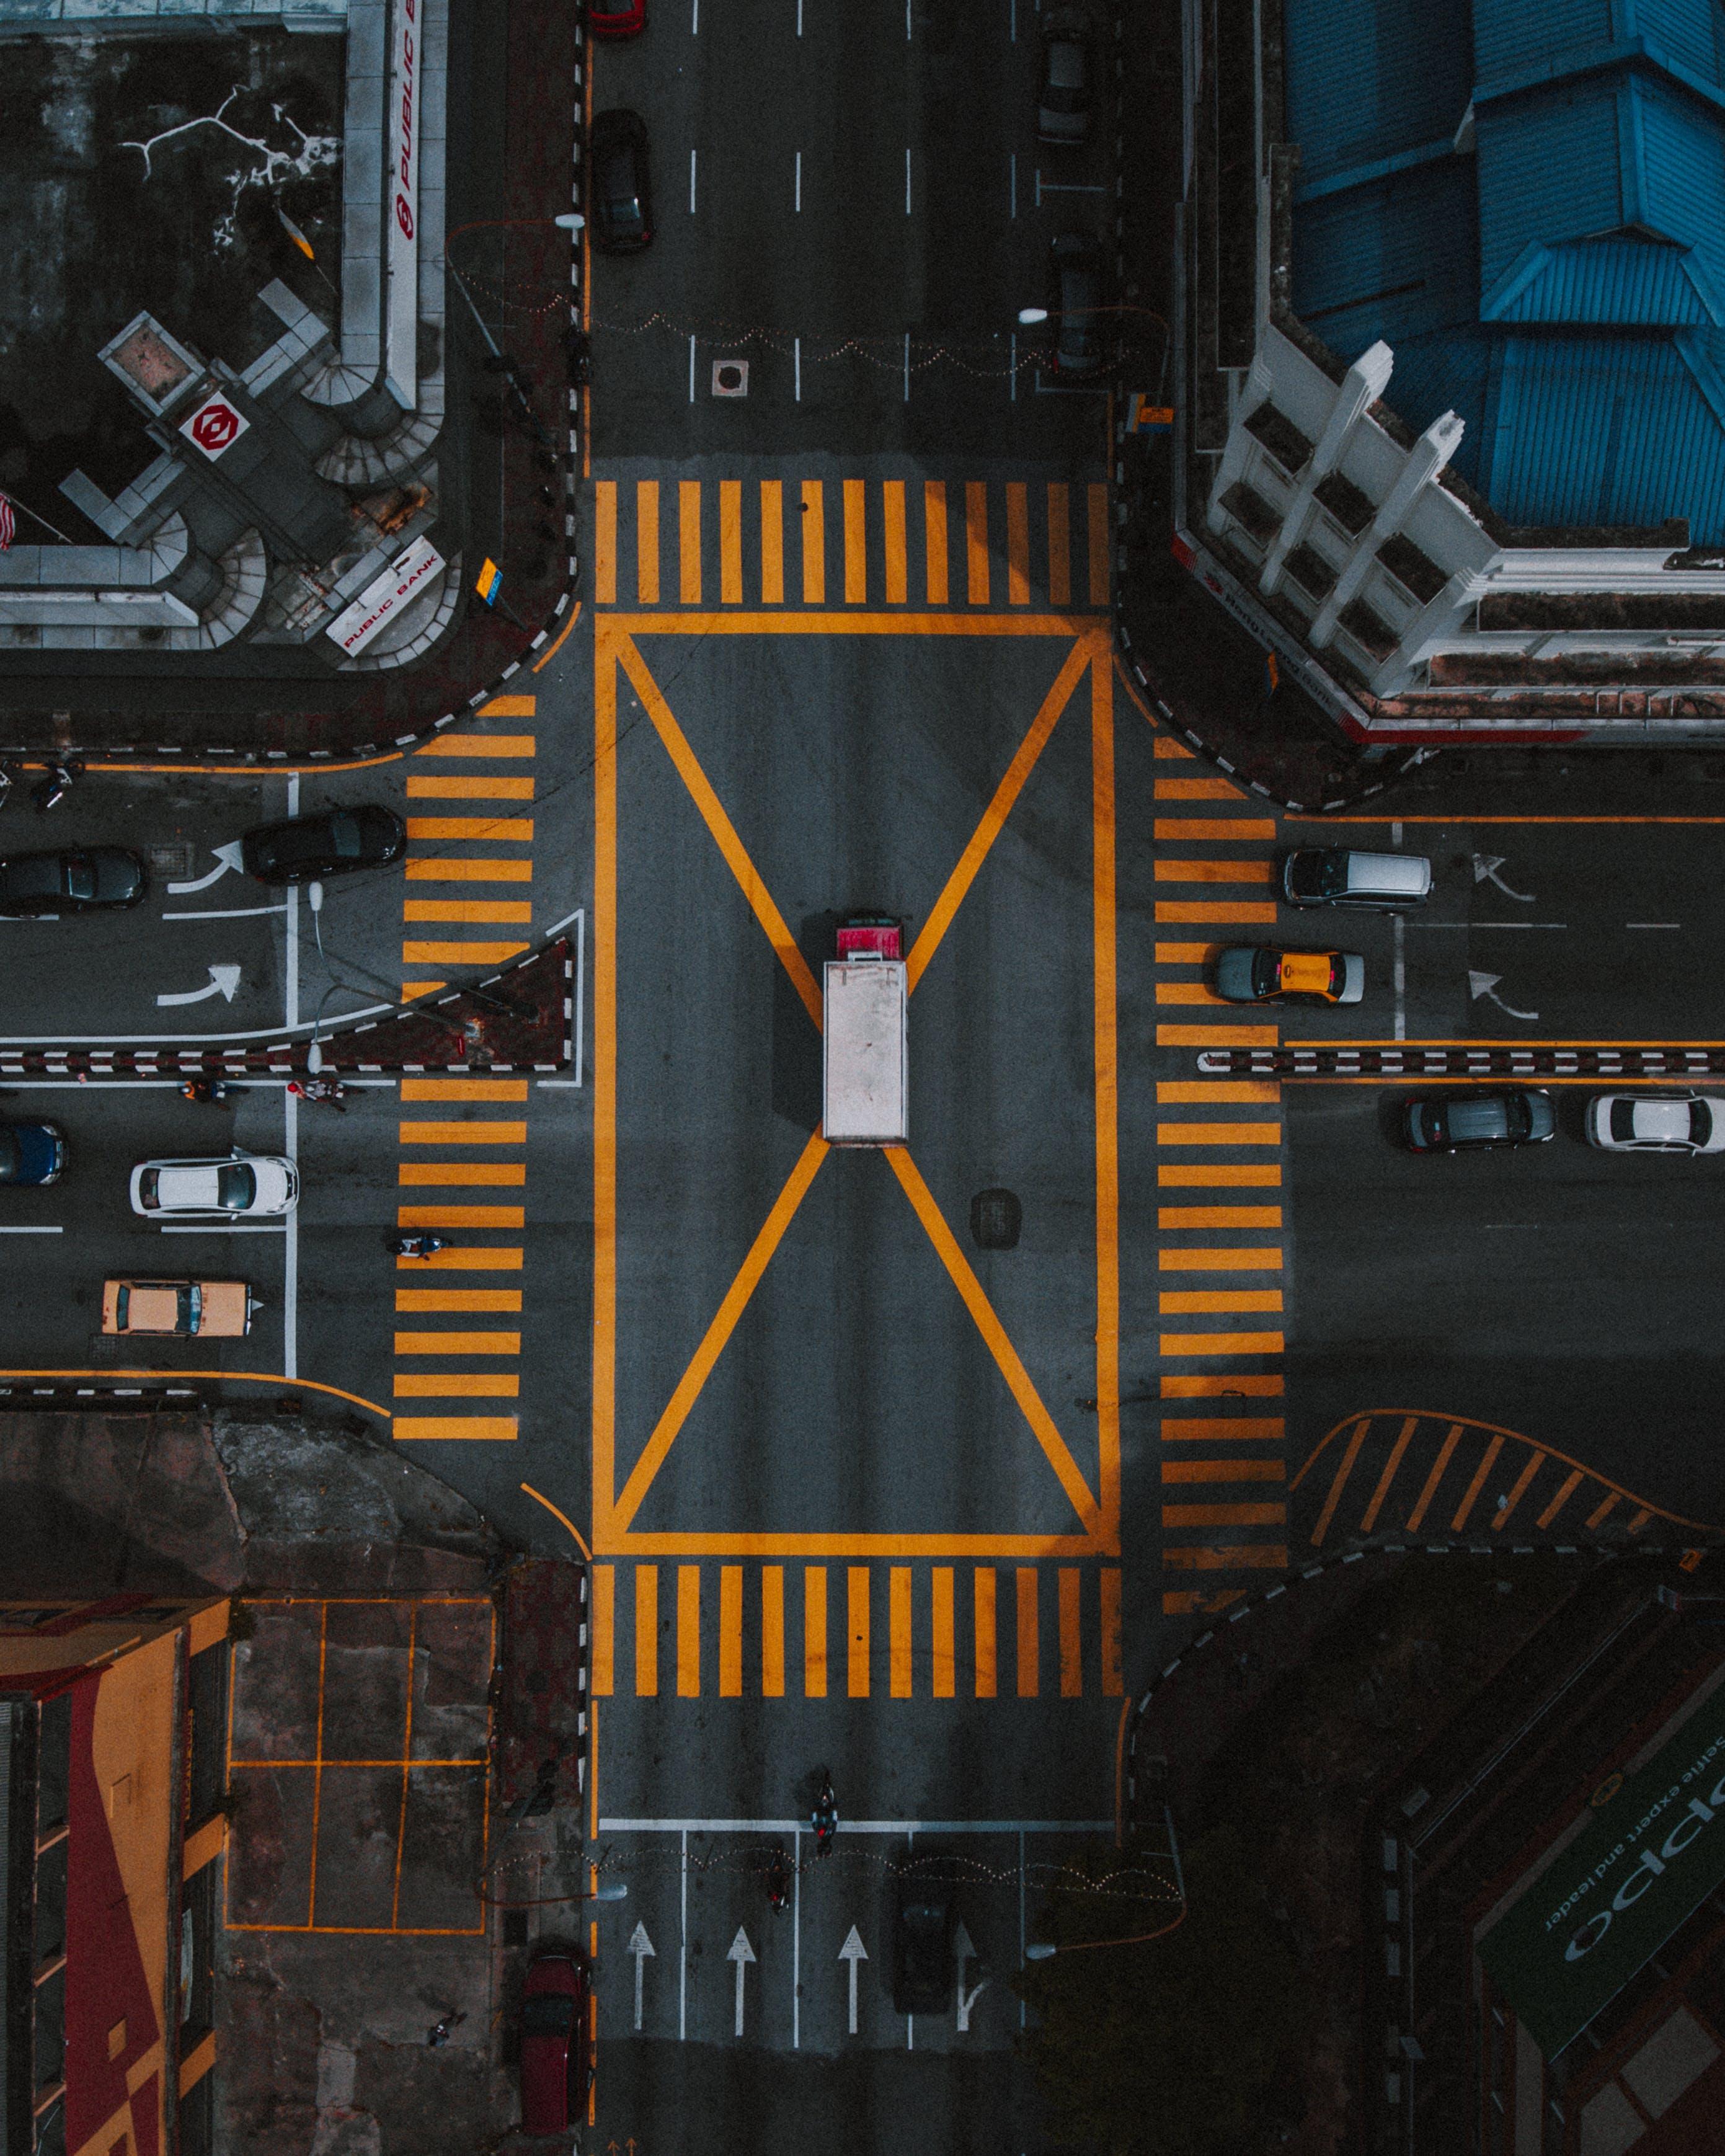 Gratis stockfoto met antenne, architectuur, auto's, daglicht